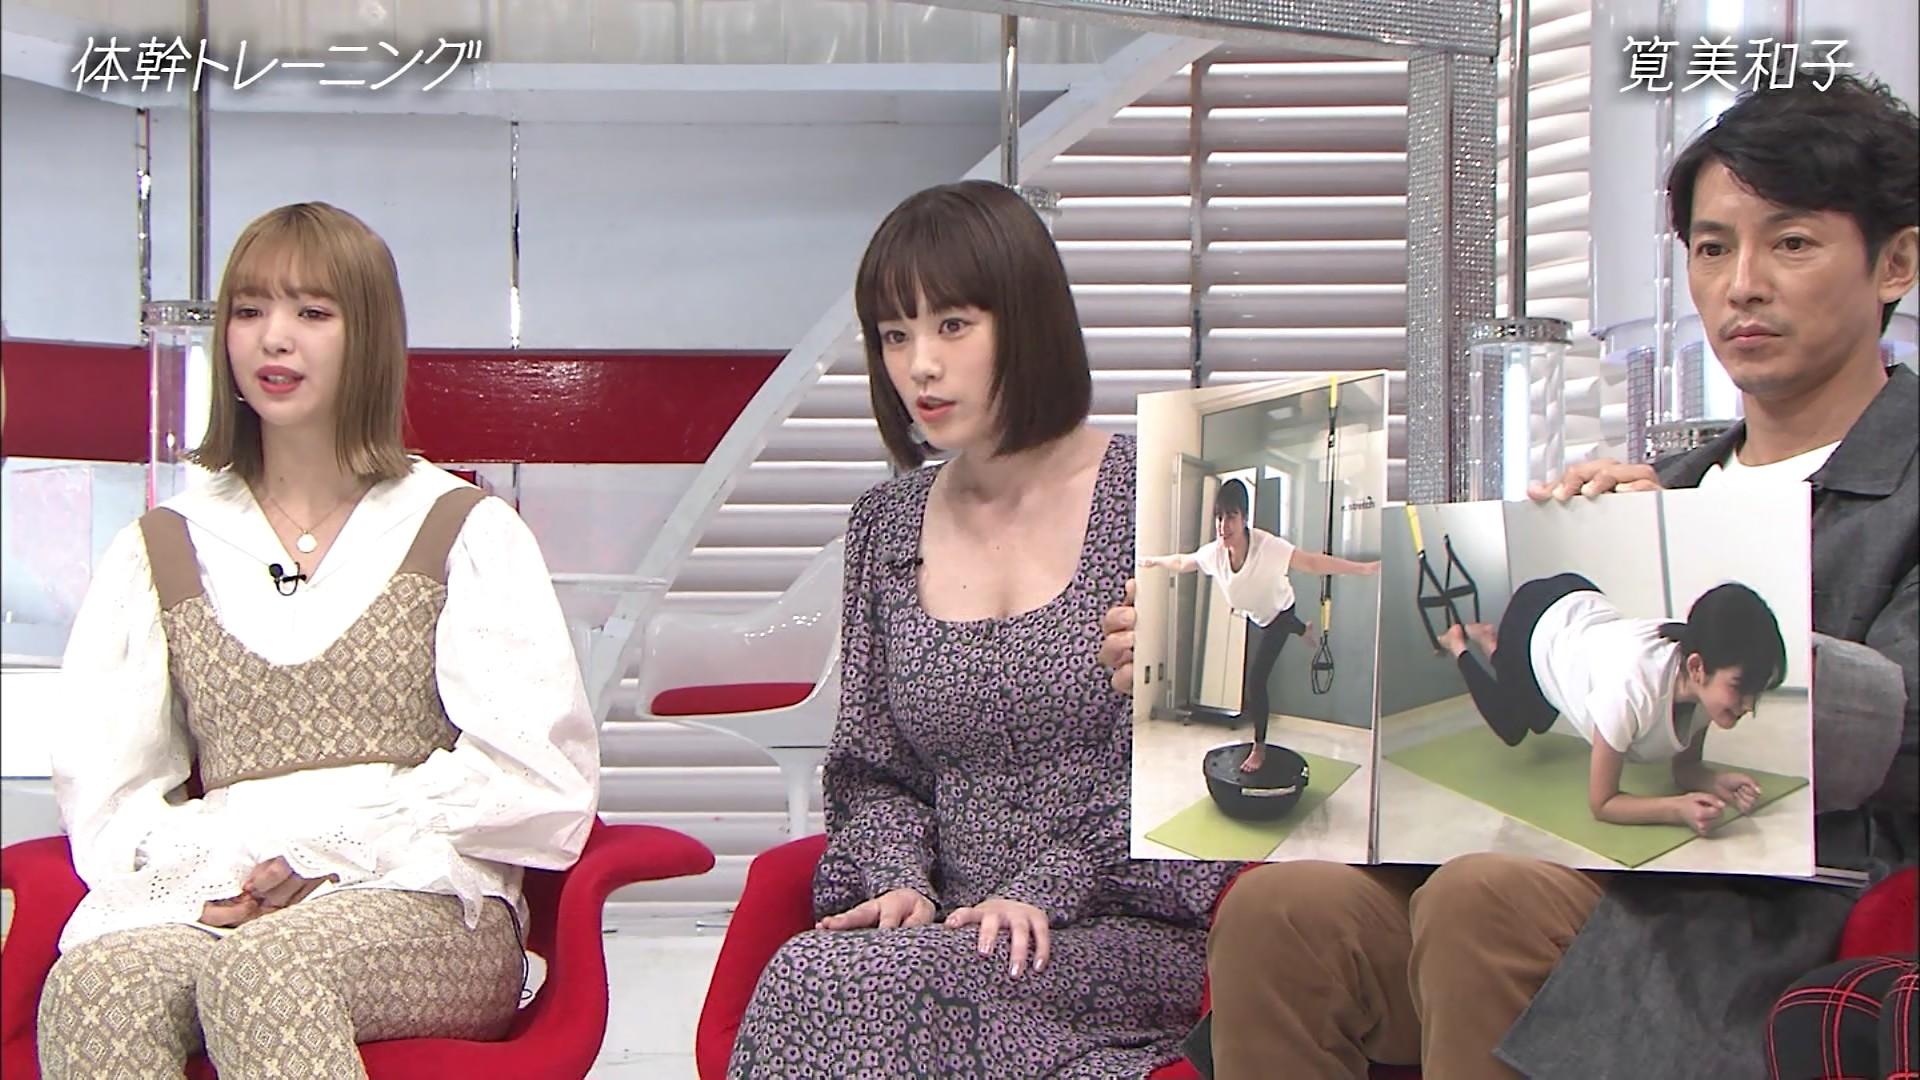 胸チラ_谷間_おっぱい_おしゃれイズム_29